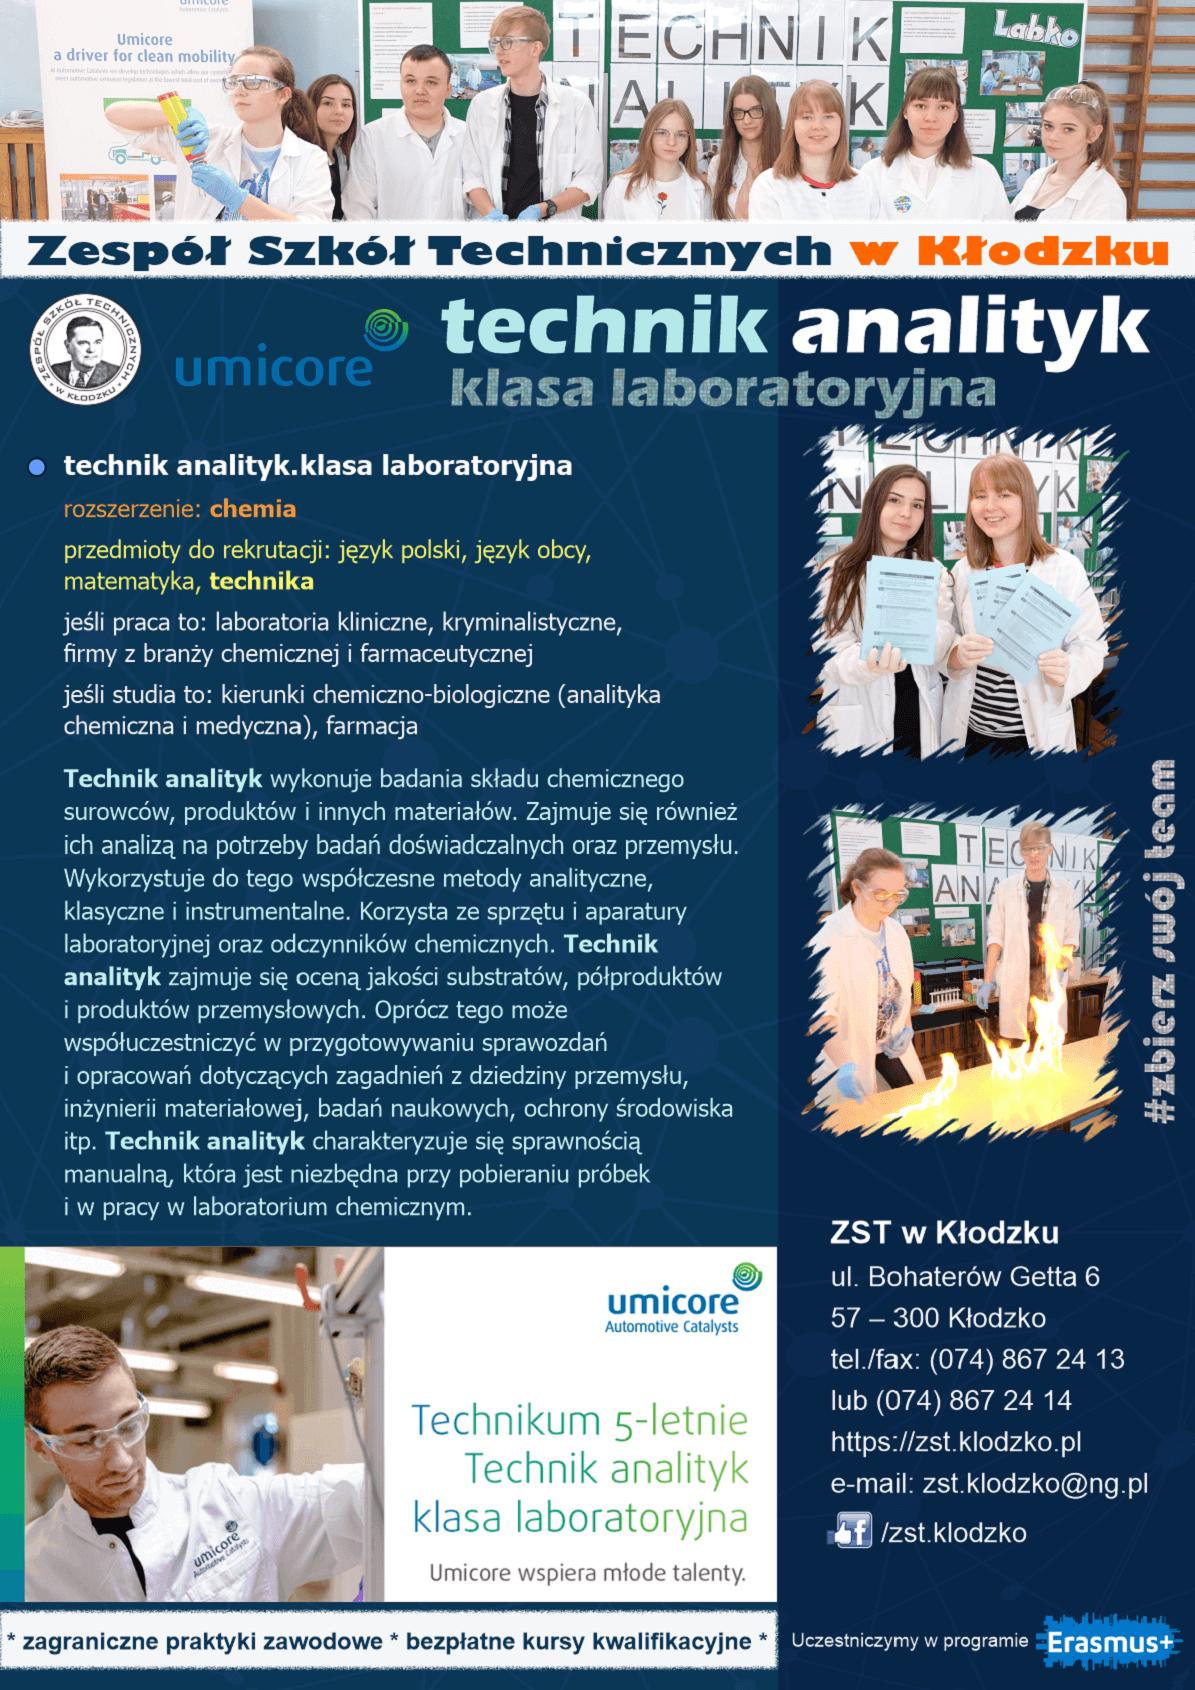 ZST w Kłodzku oferta edukacyjna 2021/2022